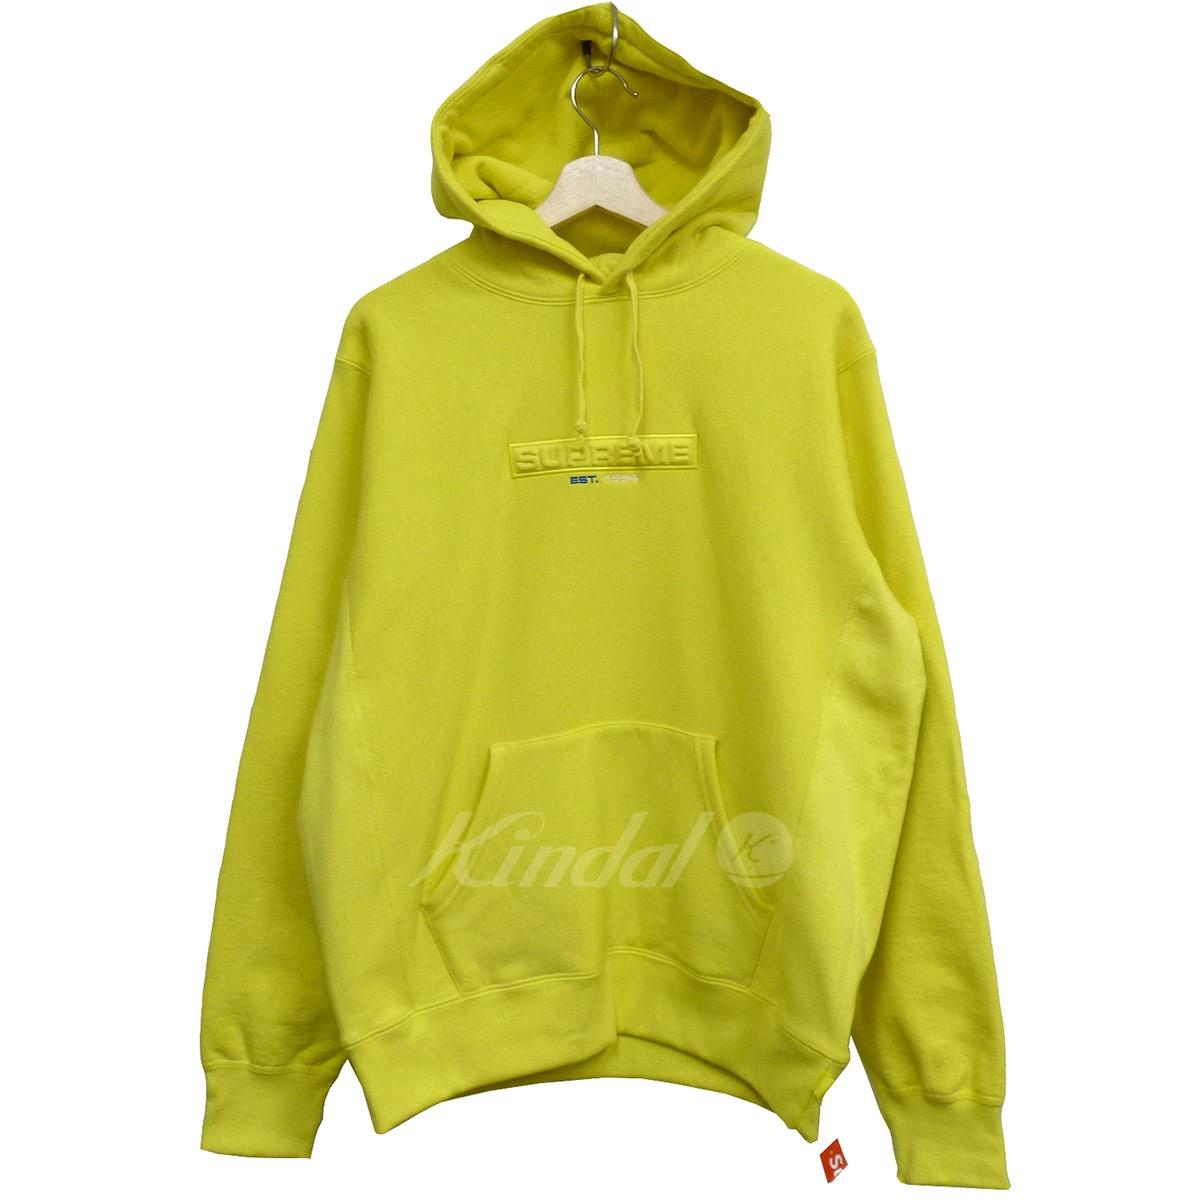 【中古】SUPREME 18SS Embossed Logo Hooded Sweatshirtエンボスフーディーパーカー イエロー サイズ:M 【送料無料】 【100718】(シュプリーム)